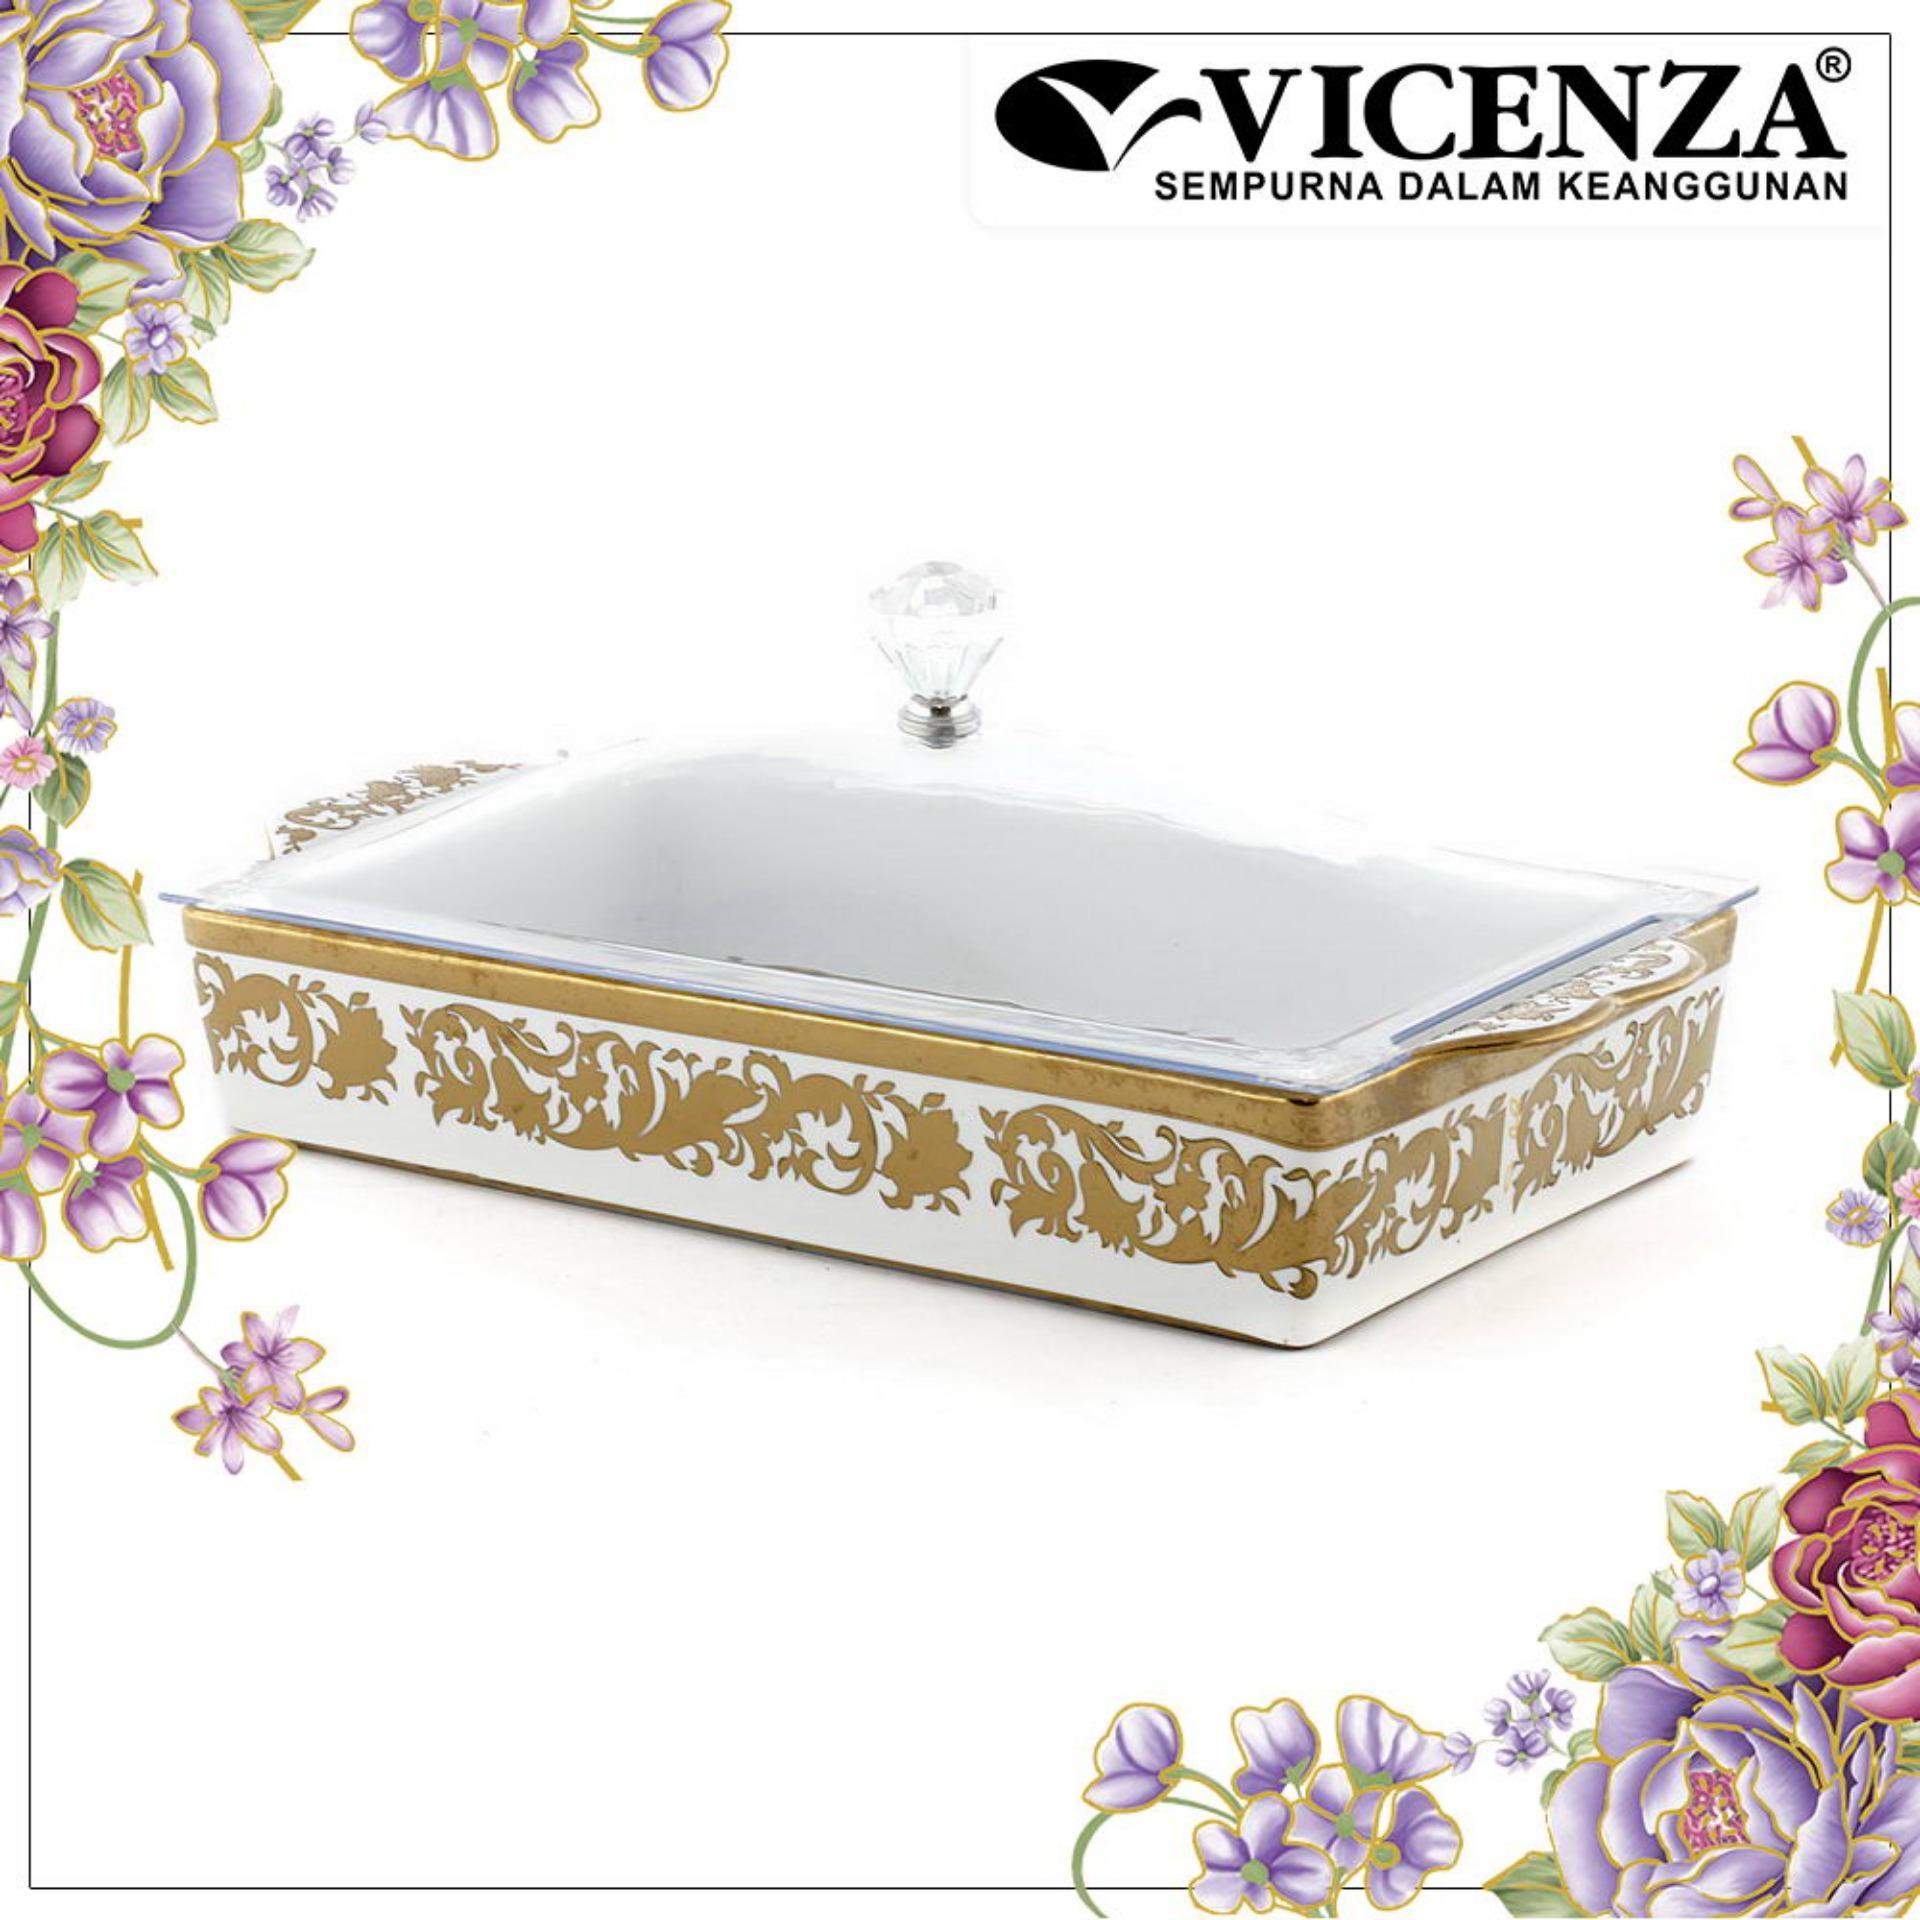 Jual Vicenza Tableware Crp138 Tempat Kue Persegi Square Cake Plate Lengkap